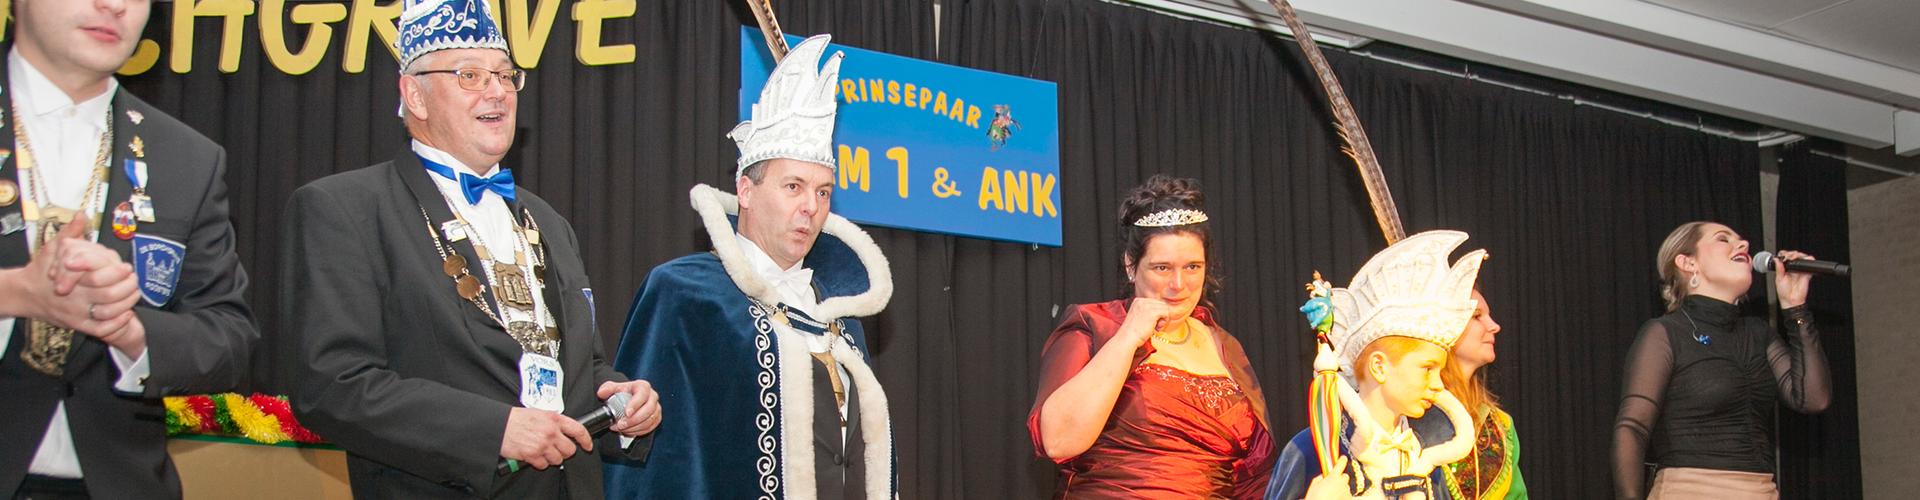 Carnavalsvereniging De Borchgrave